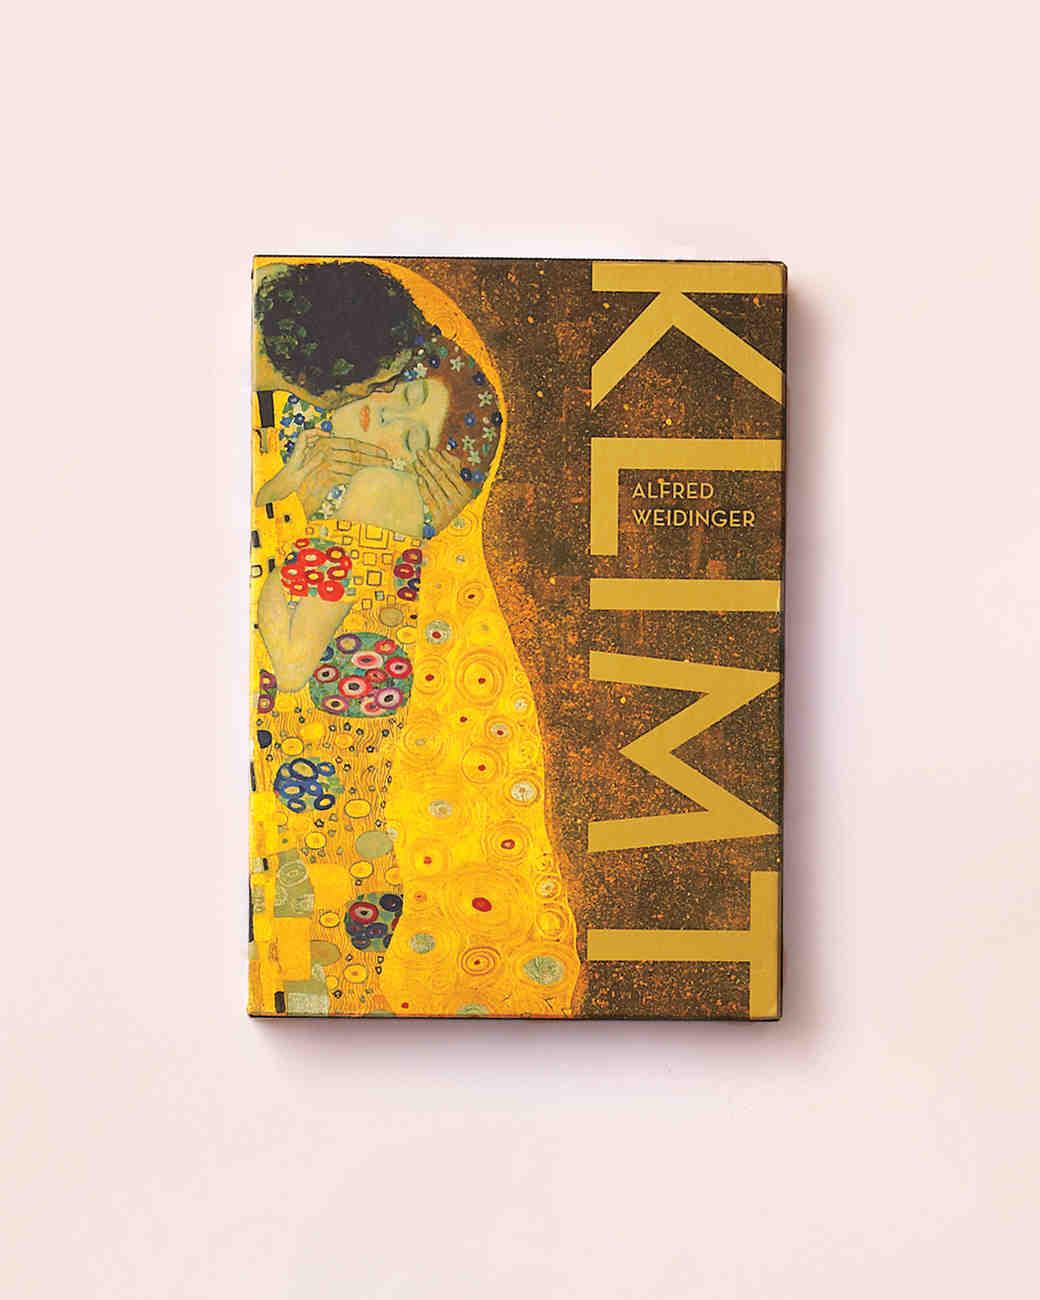 claire-pettibone-book-mwd108878.jpg